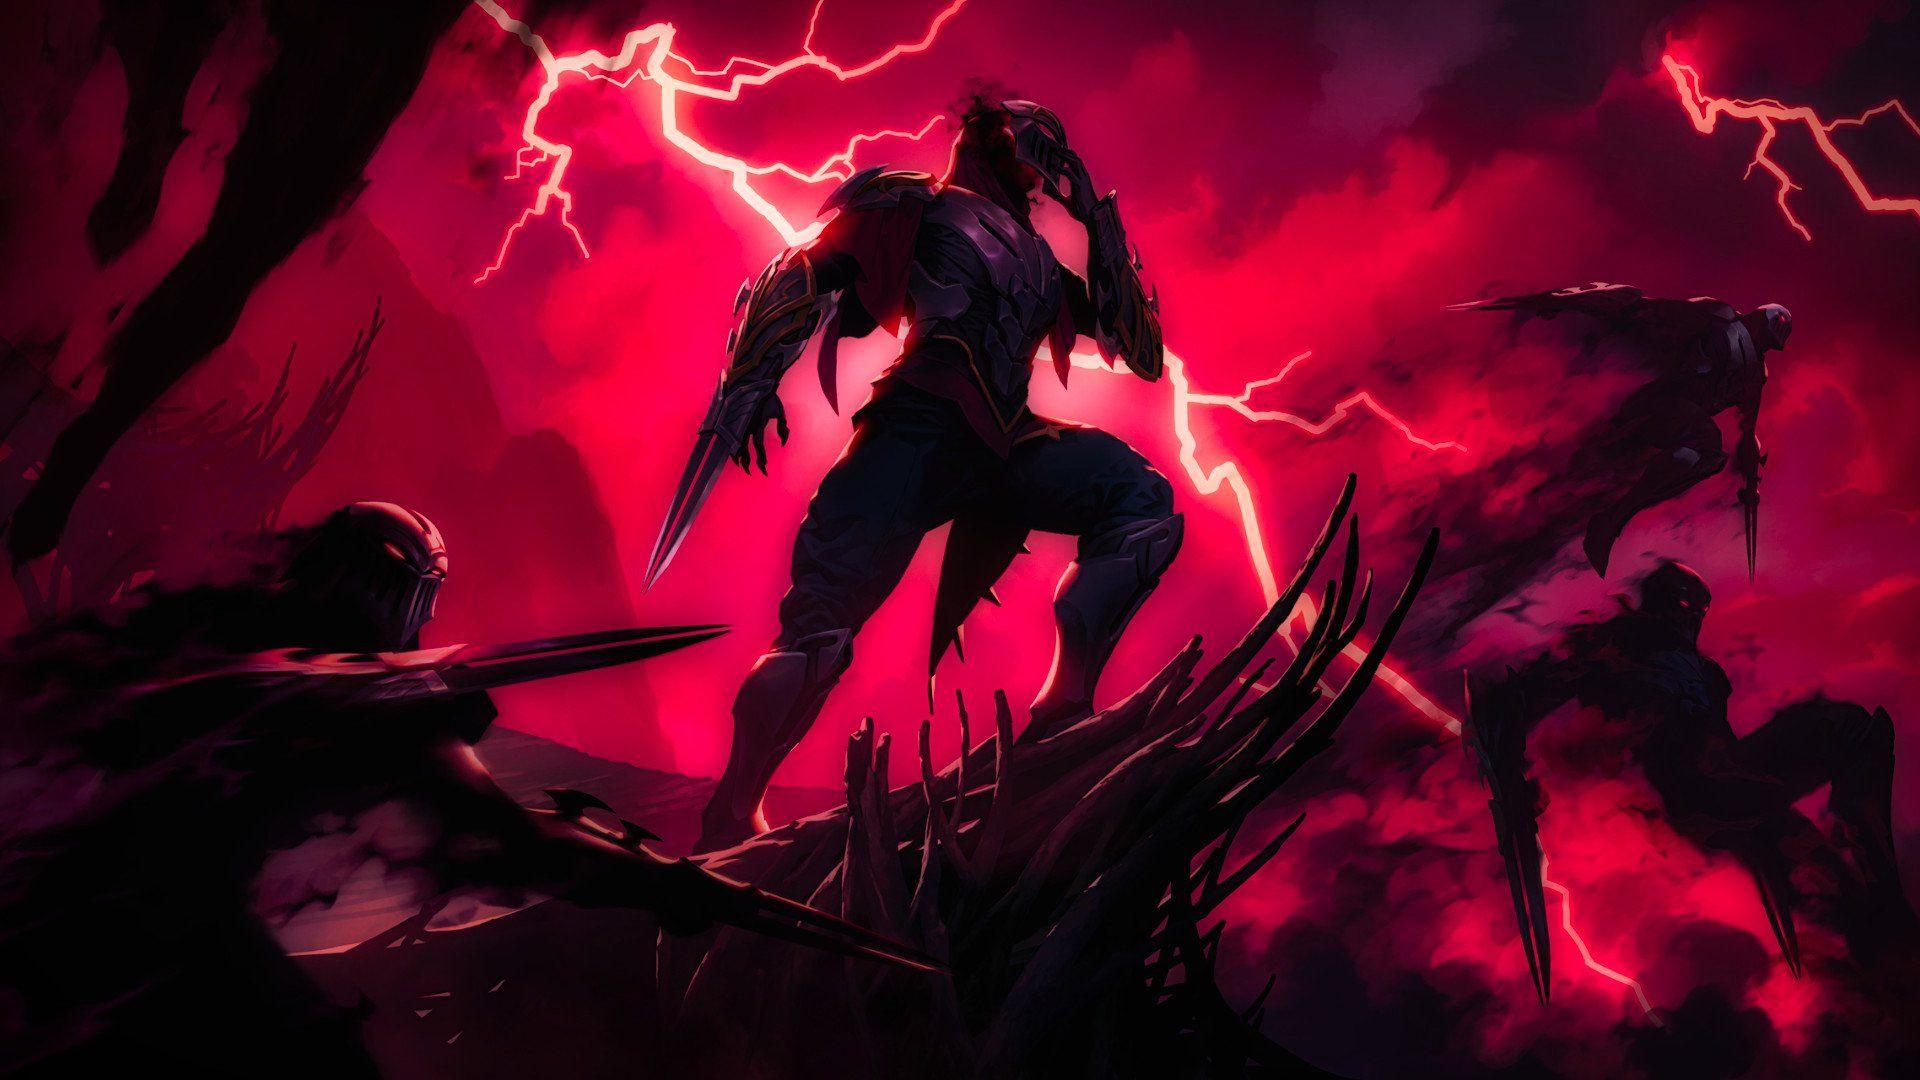 Legends Of Runeterra Wallpapers L2pbomb In 2020 League Of Legends Lol League Of Legends Legend